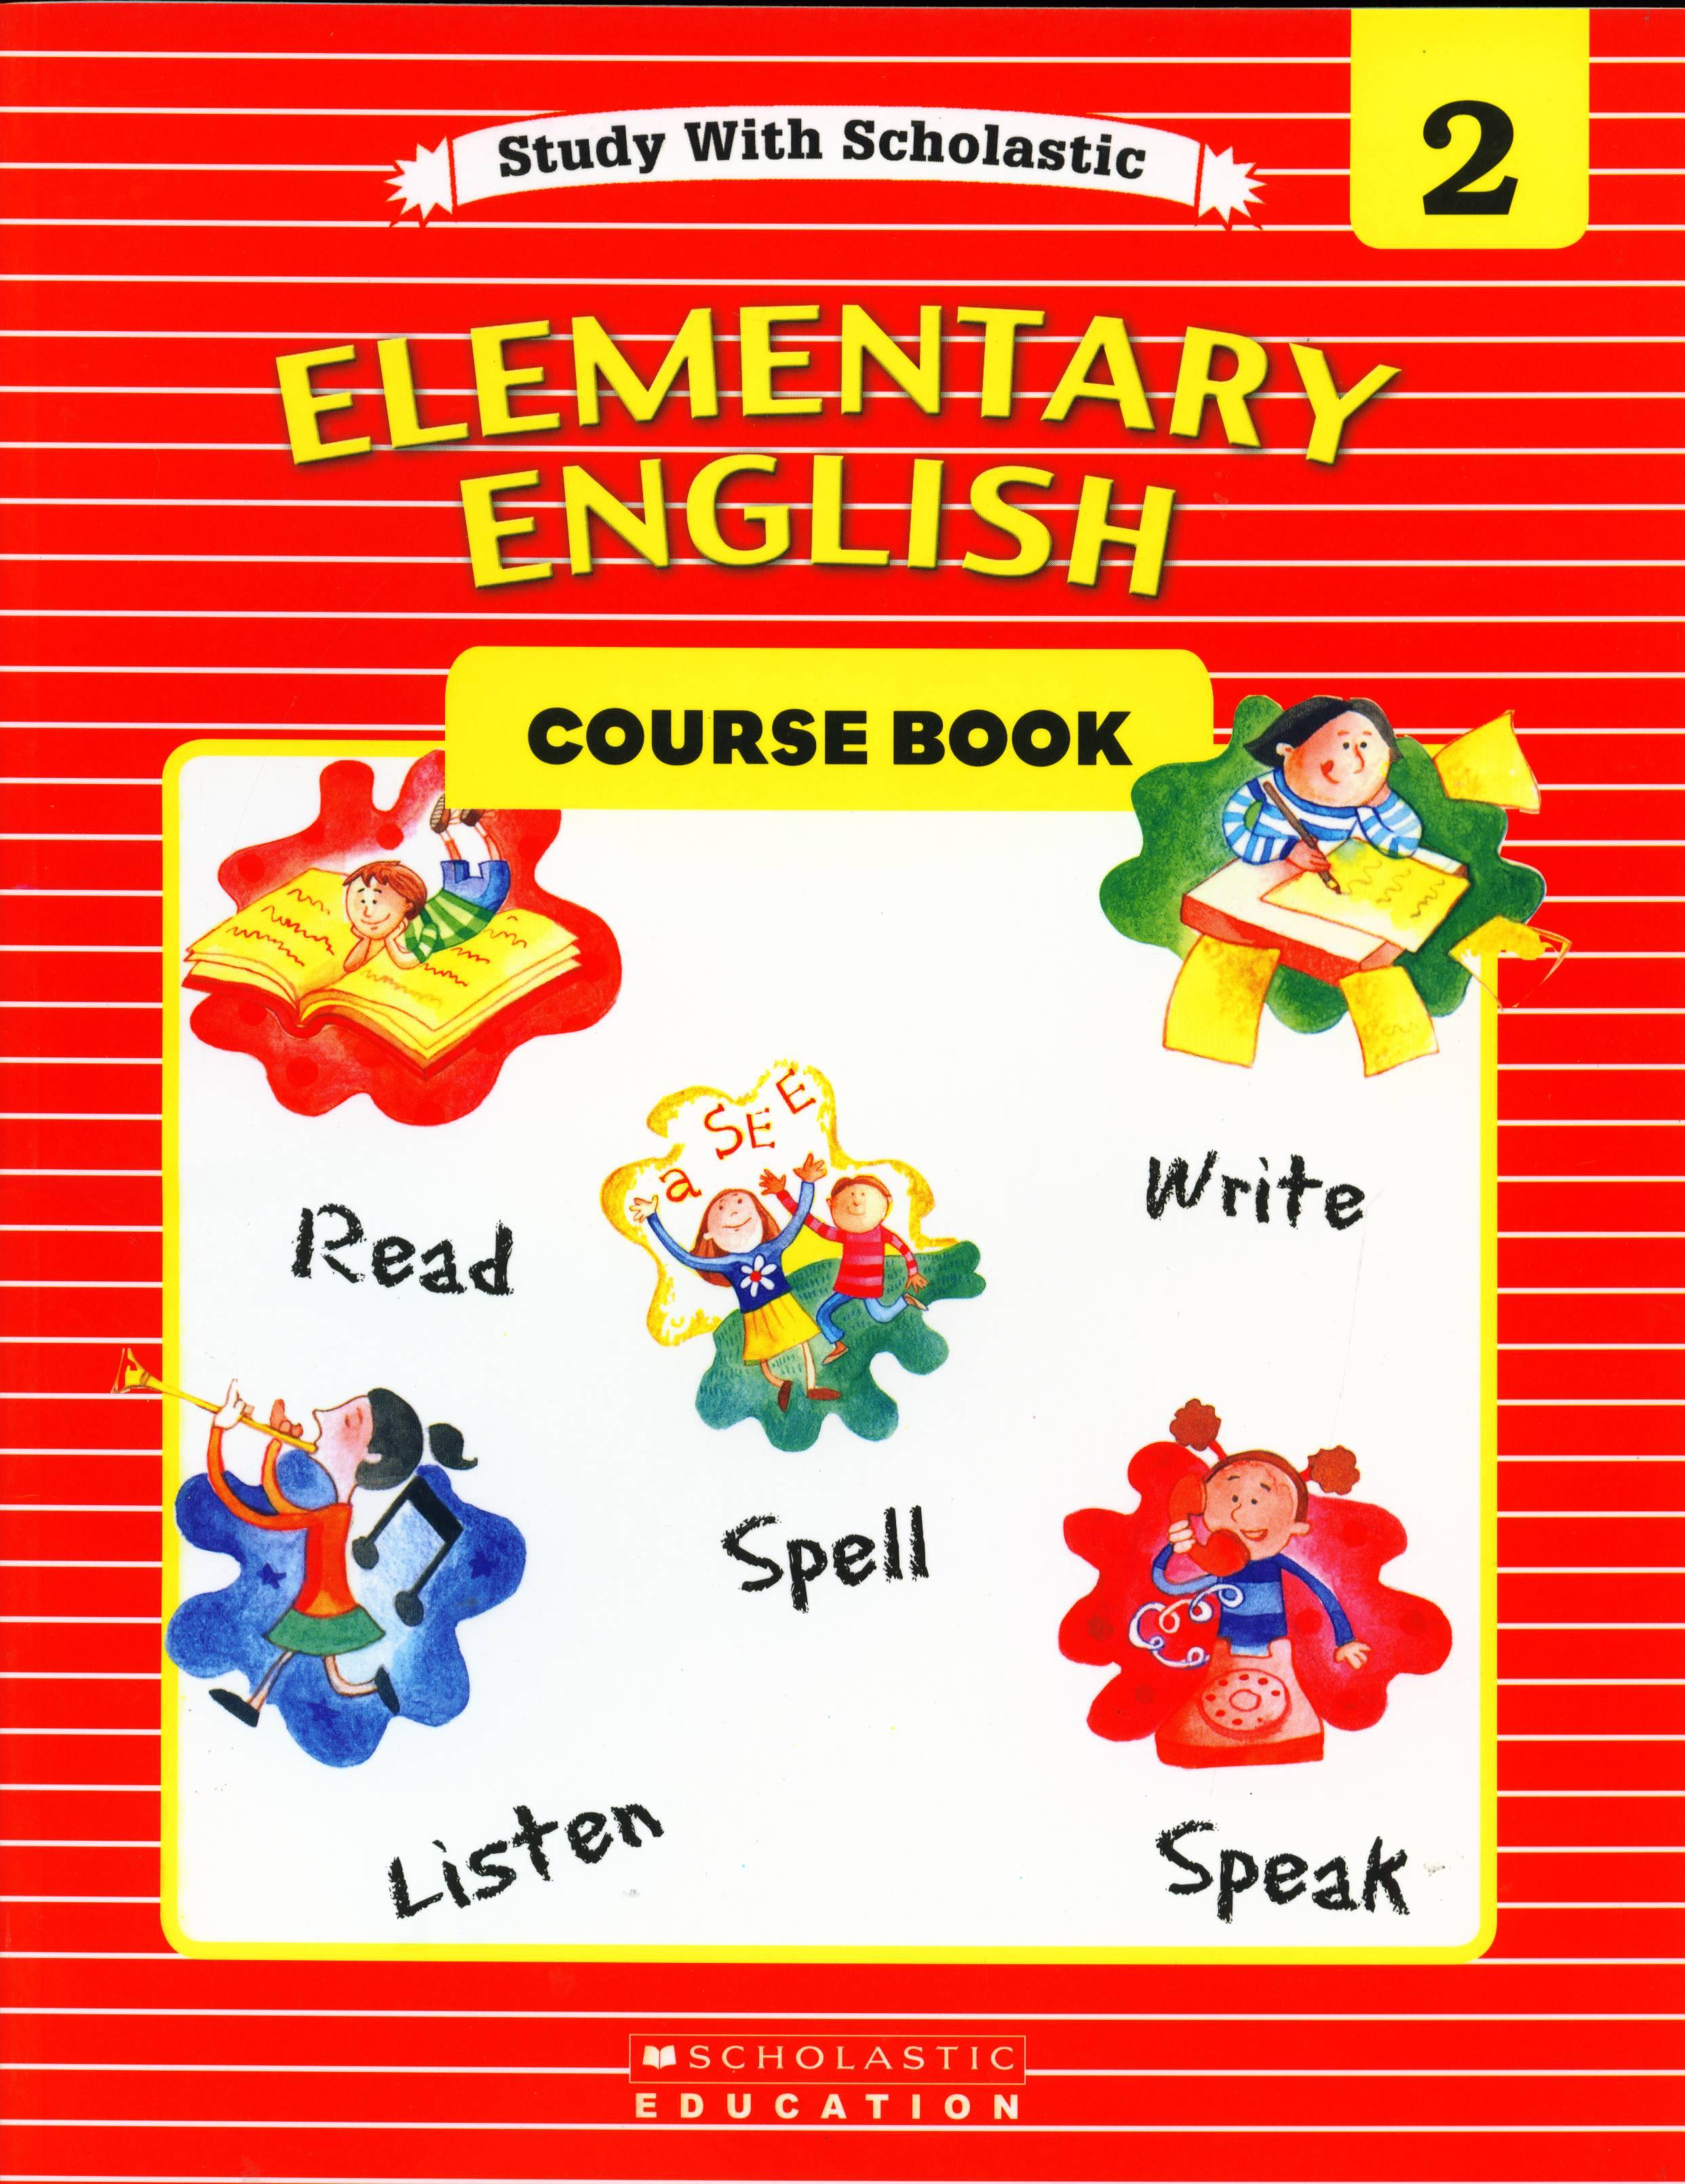 Elementary English- Level 2